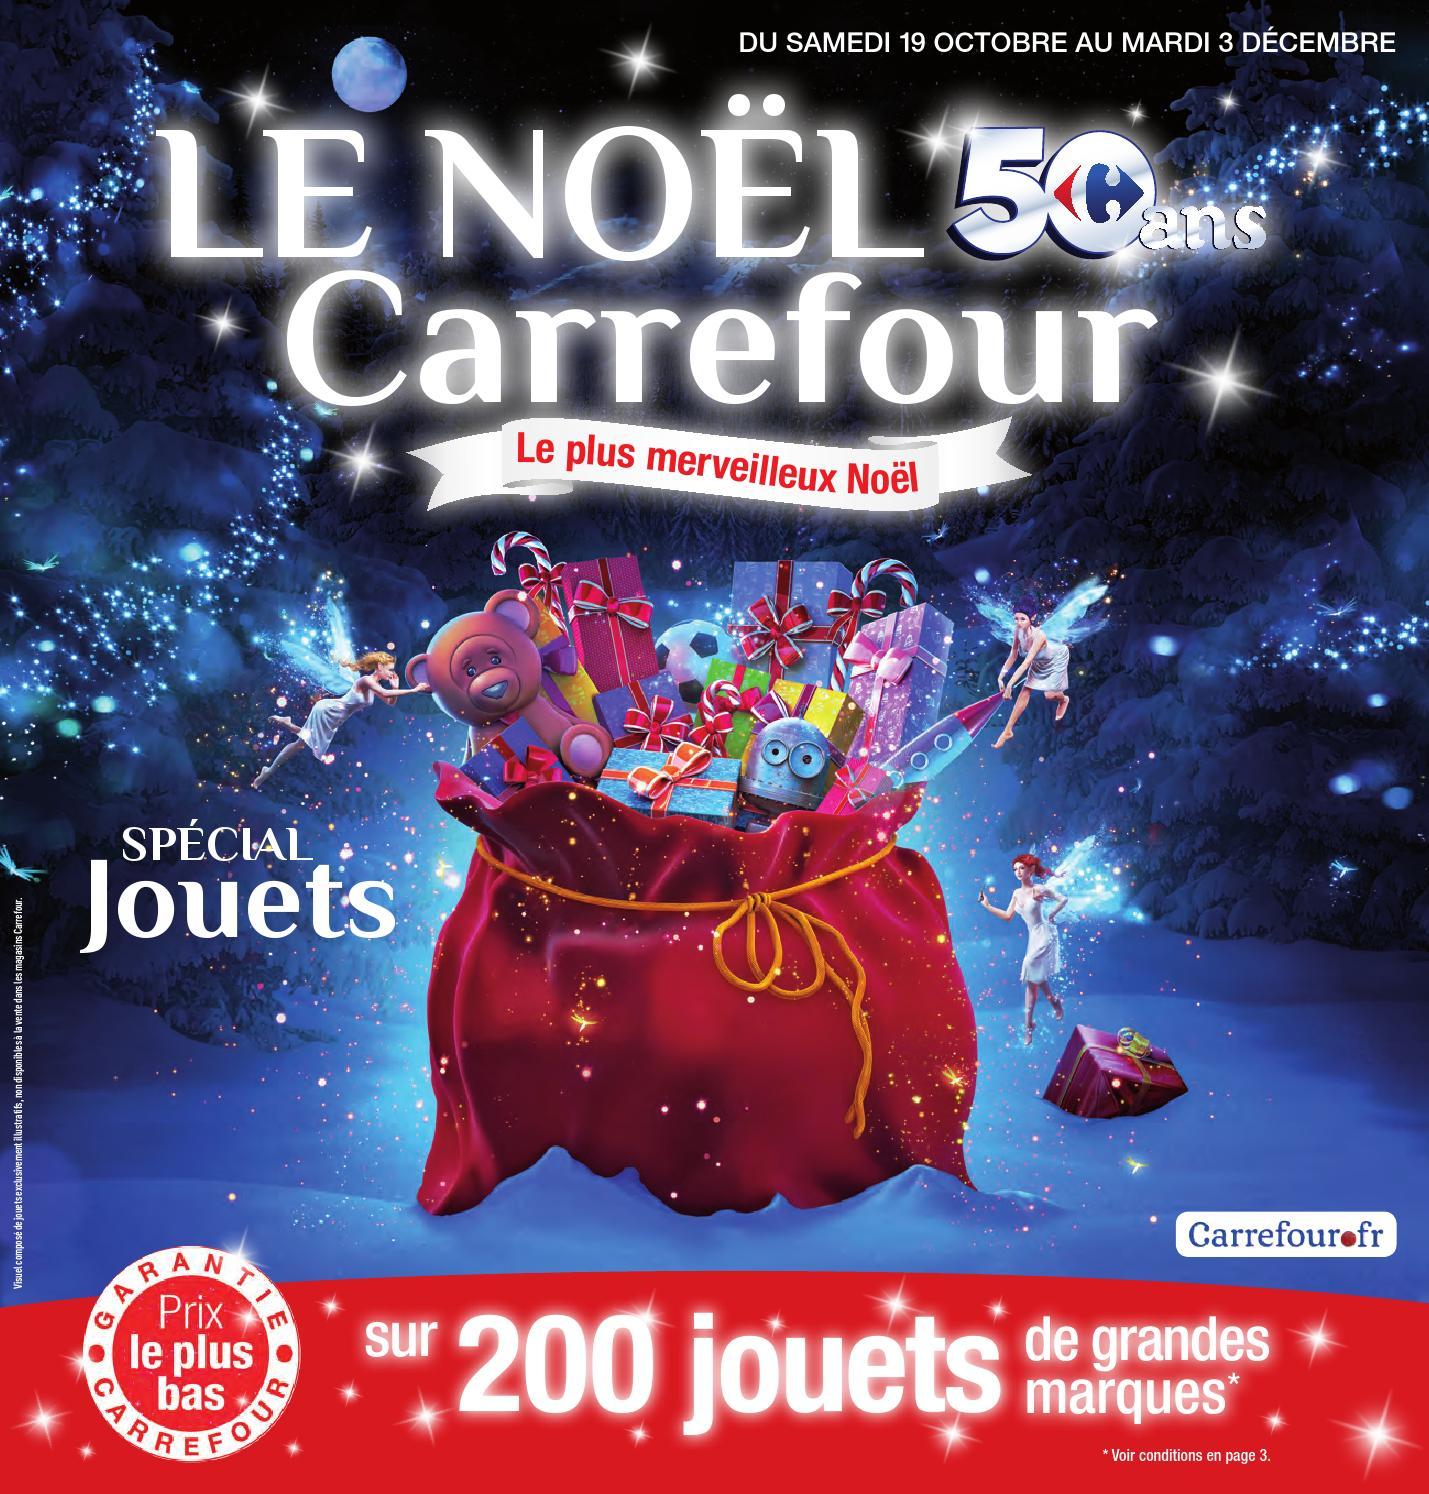 carrefour le noel carrefour au 03 12 by